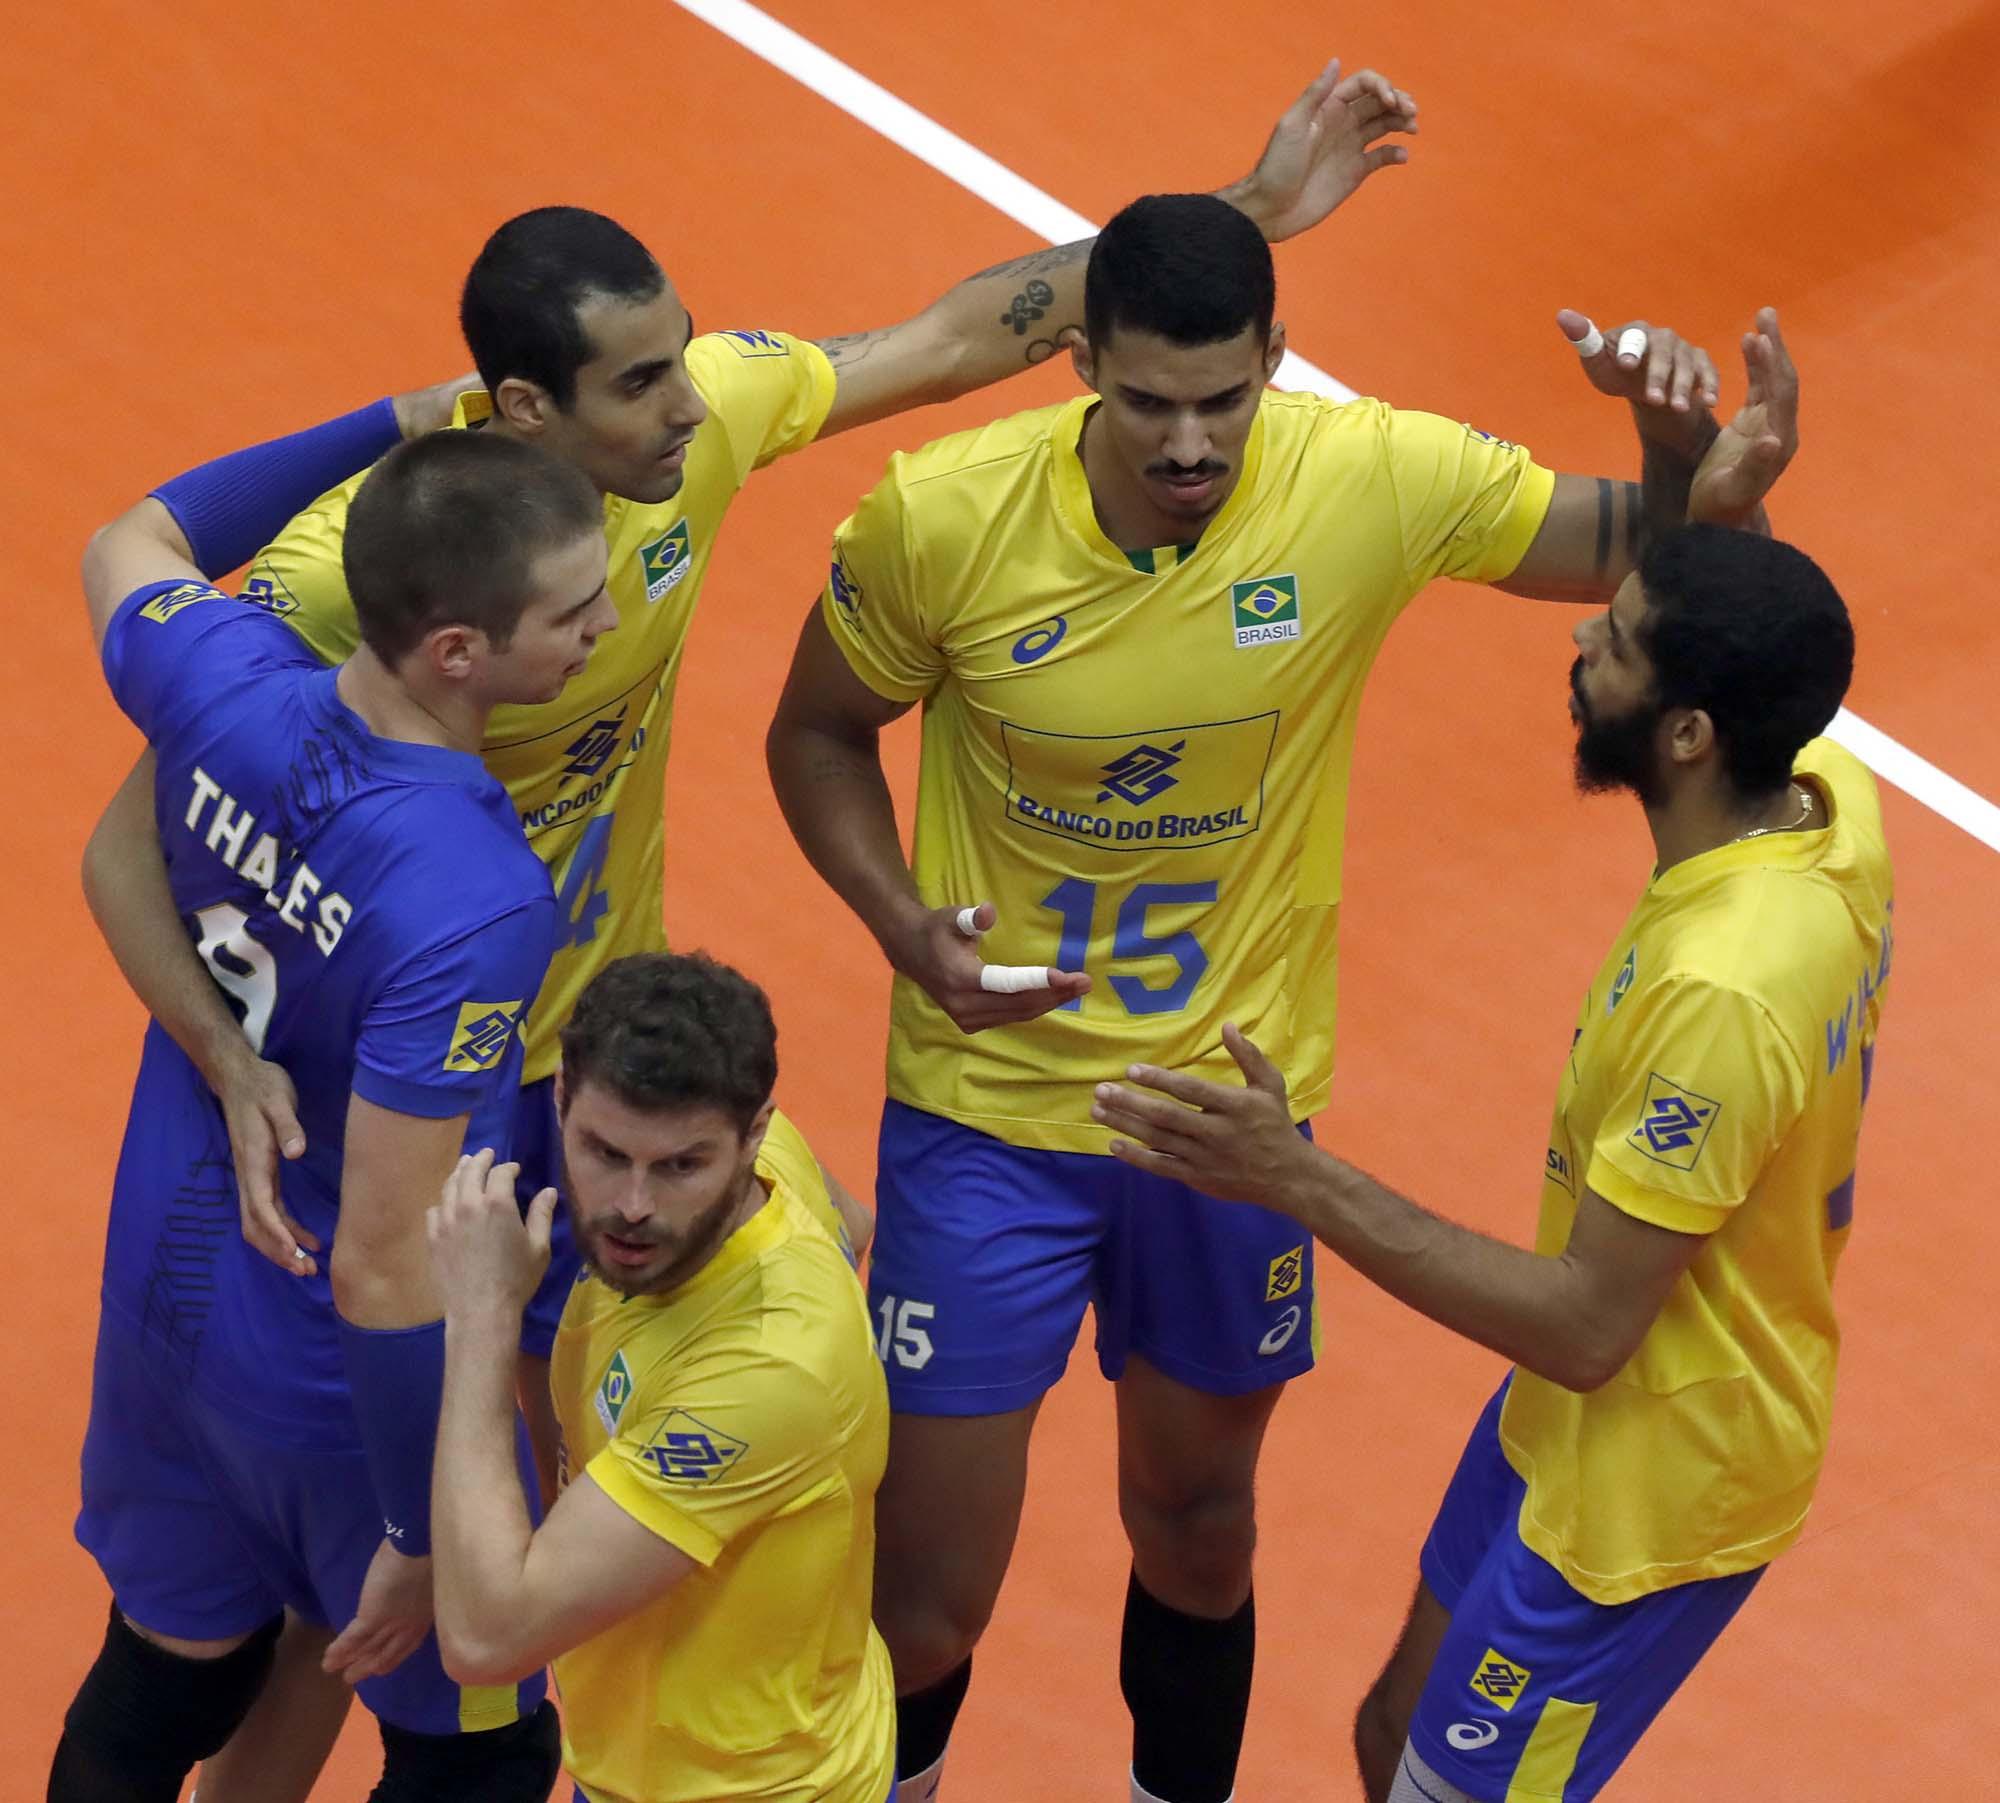 Seleção brasileira é superada na terceira rodada